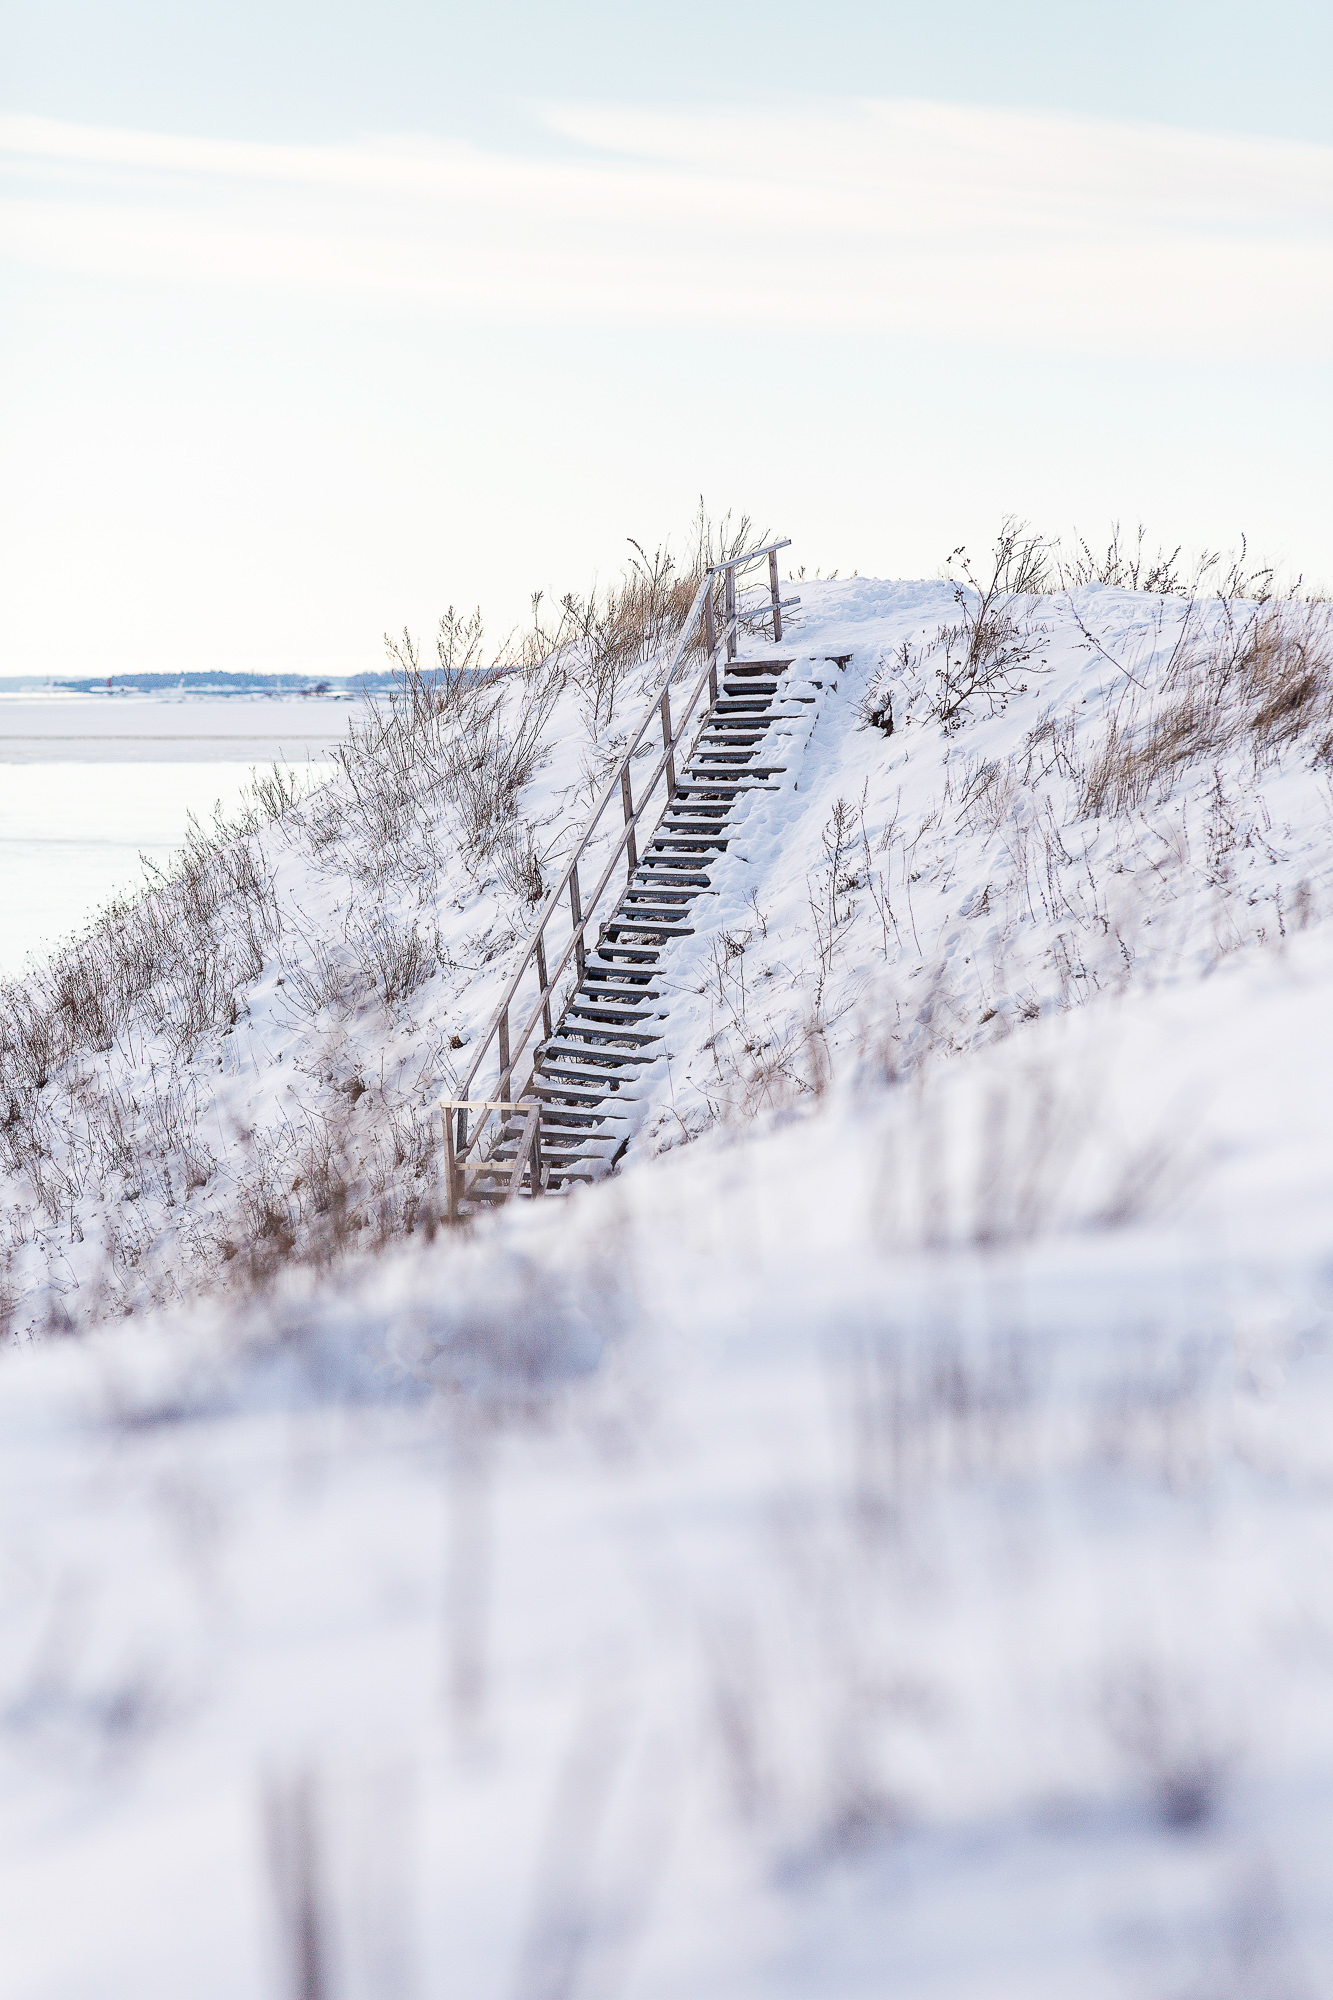 Suomenlinna, Unescon maailmanperintökohde, Unesco world heritage, Helsinki, visithelsinki, winter, visitfinland, myhelsinki, valokuvaaja, valokuvaus, Frida Steiner, Visualaddict, visualaddictfrida